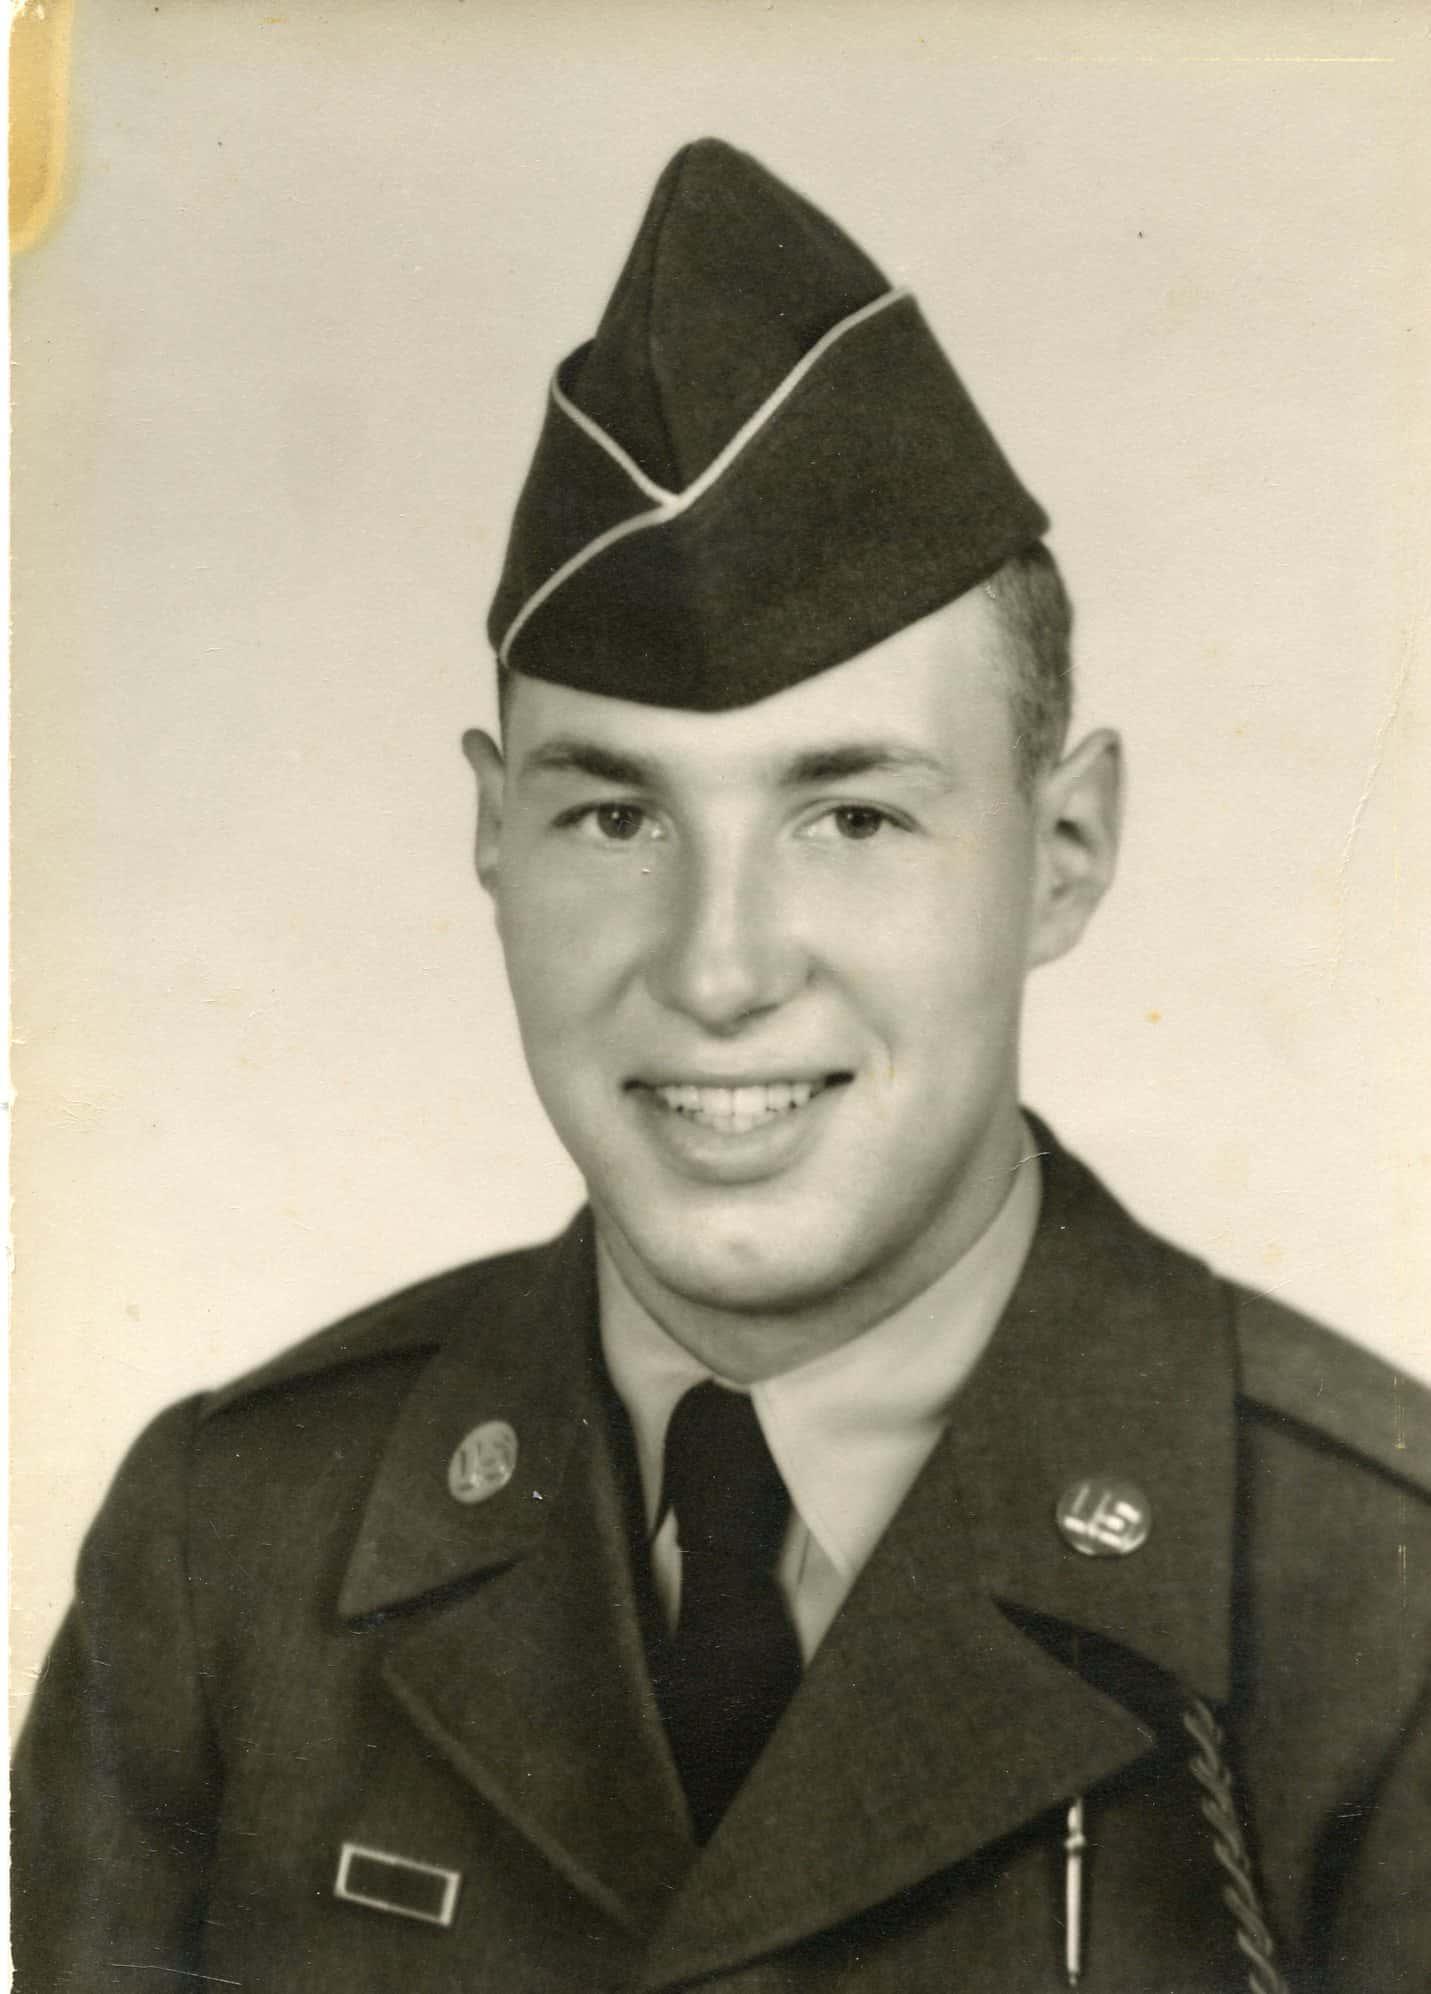 Johnson Daryl E